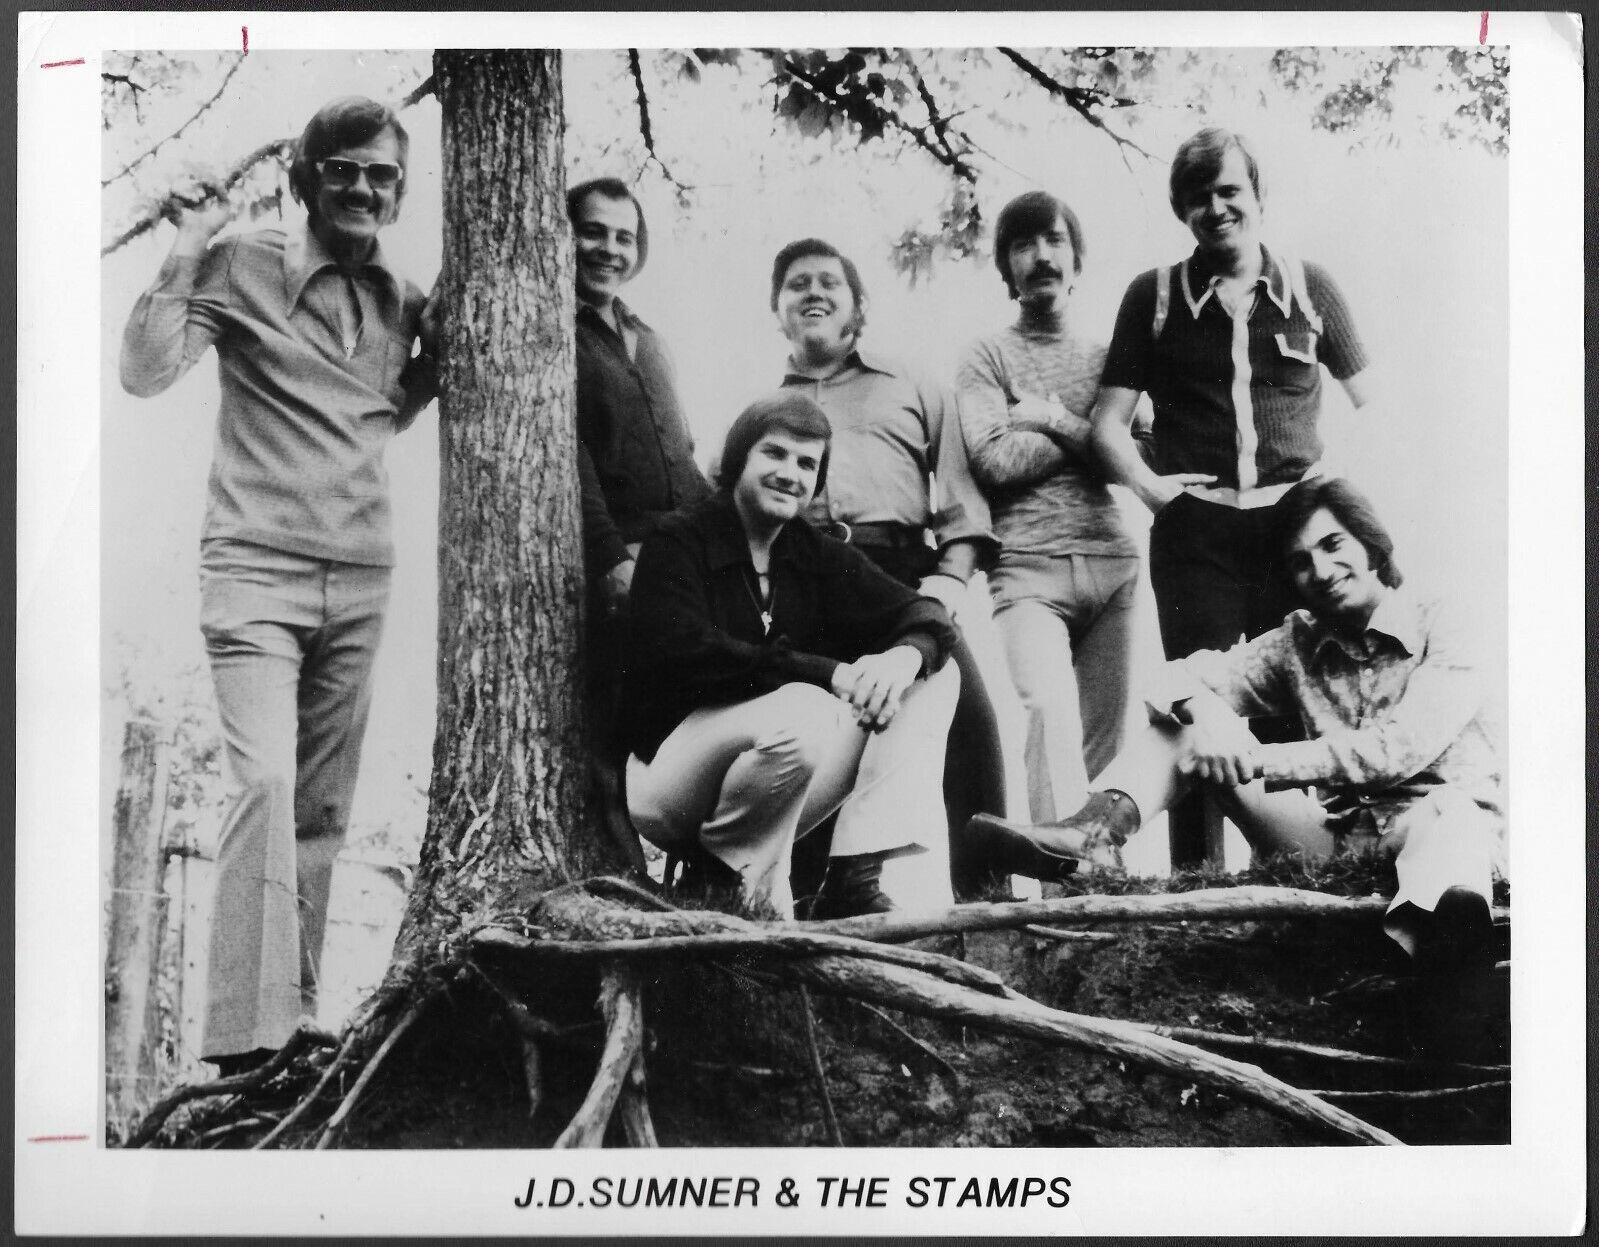 Elvis Backup Vocal Group JD Sumner The Stamps Original 1970s Promo Photo  - $14.95